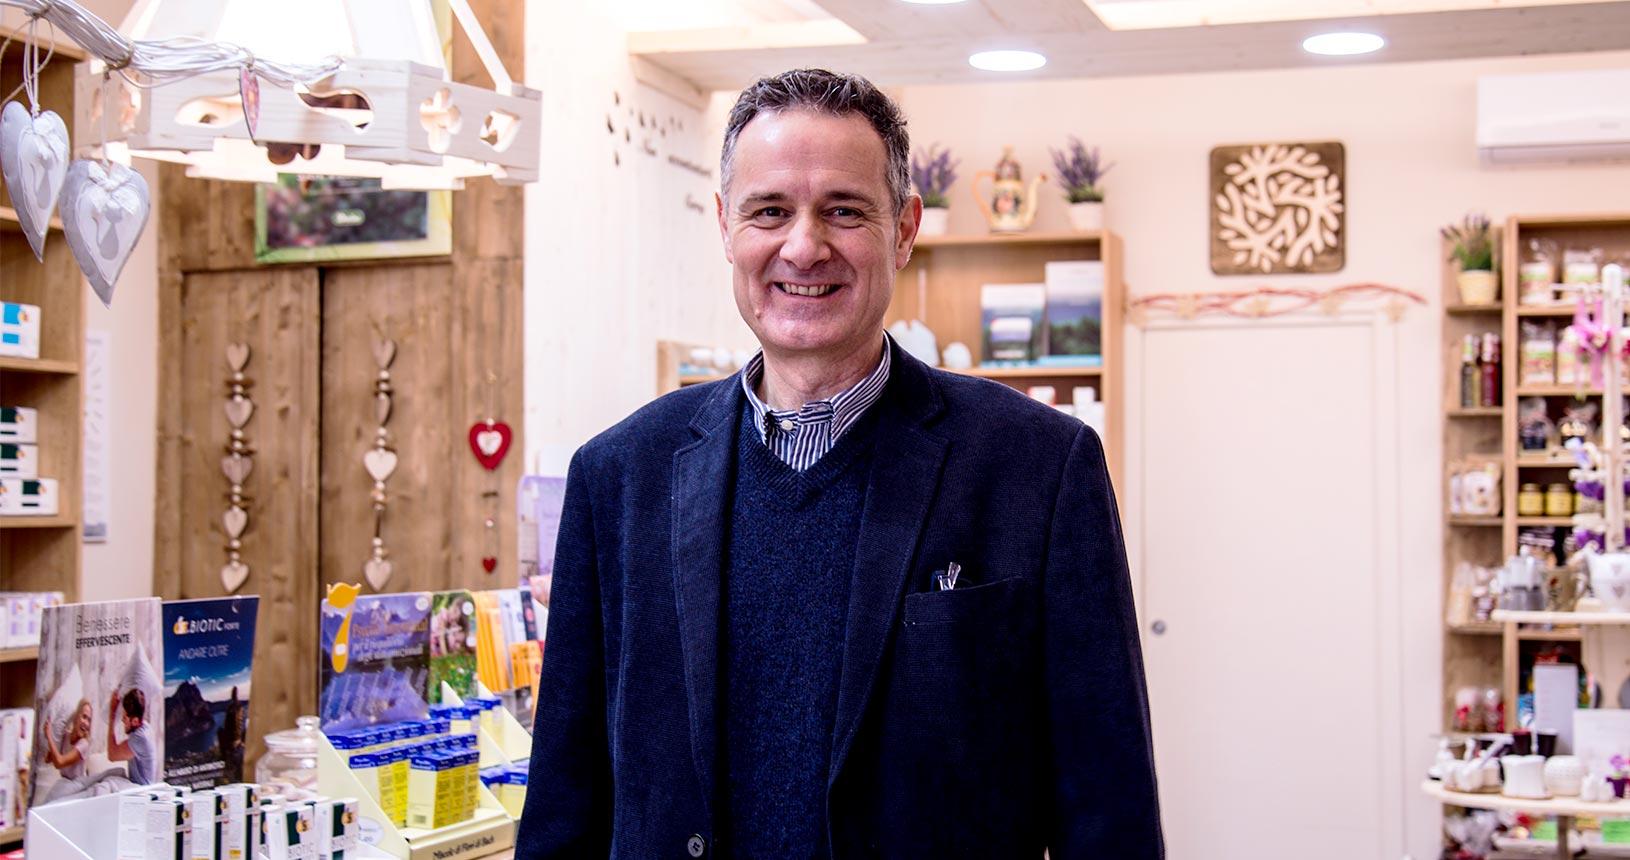 Luigi Annibalini